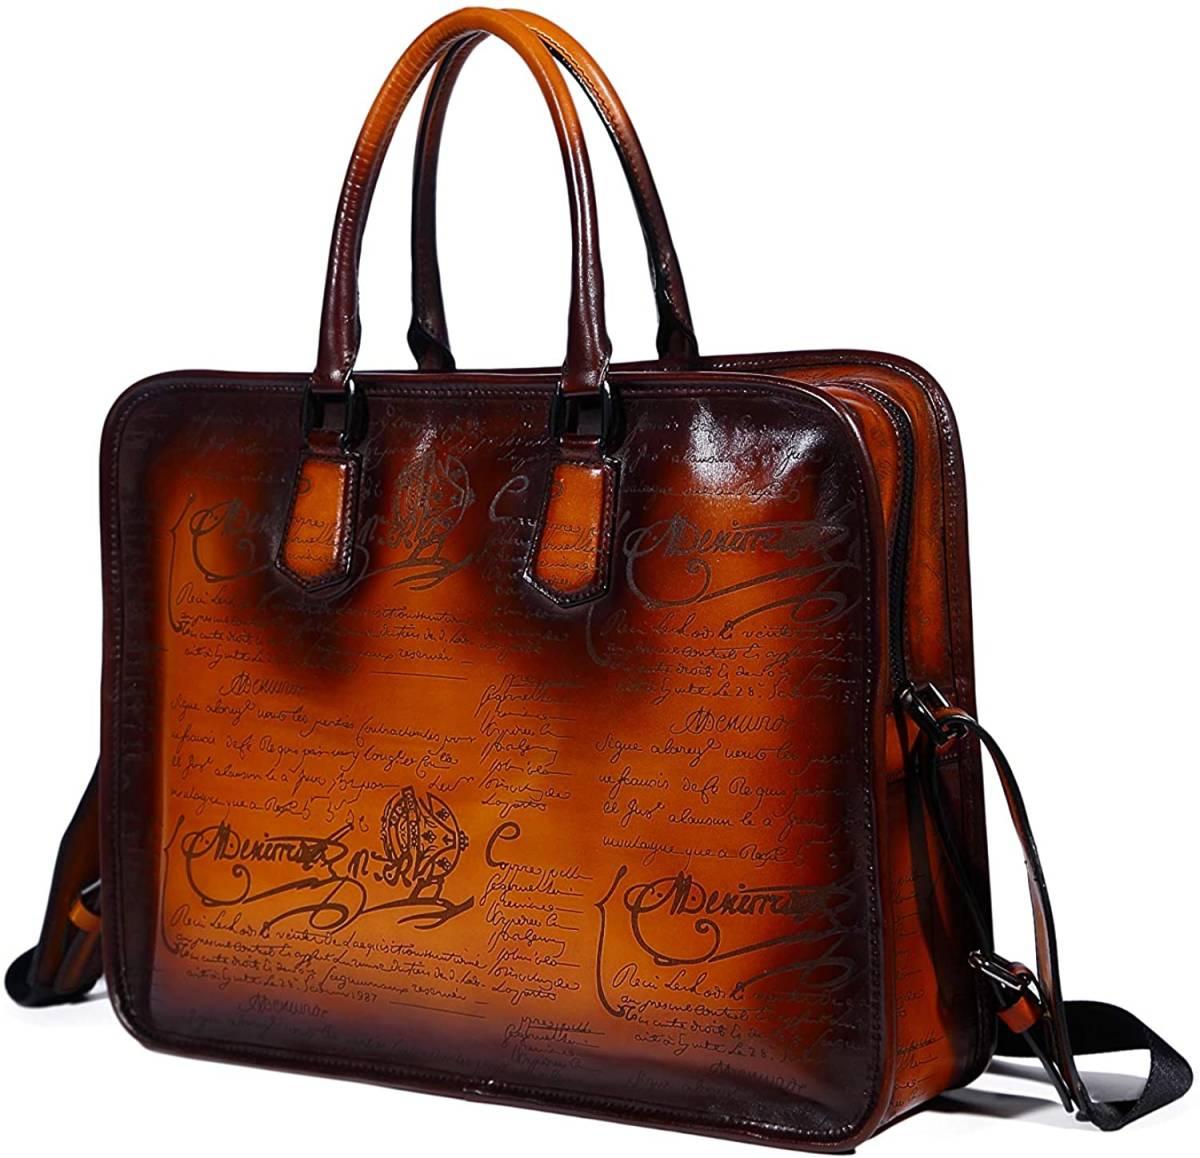 本革 栃木レザー ヌメ革 ビジネスバッグ ブリーフケース 新品 書類鞄 書類かばん 牛革 日本製 ショルダーバッグ トートバッグ